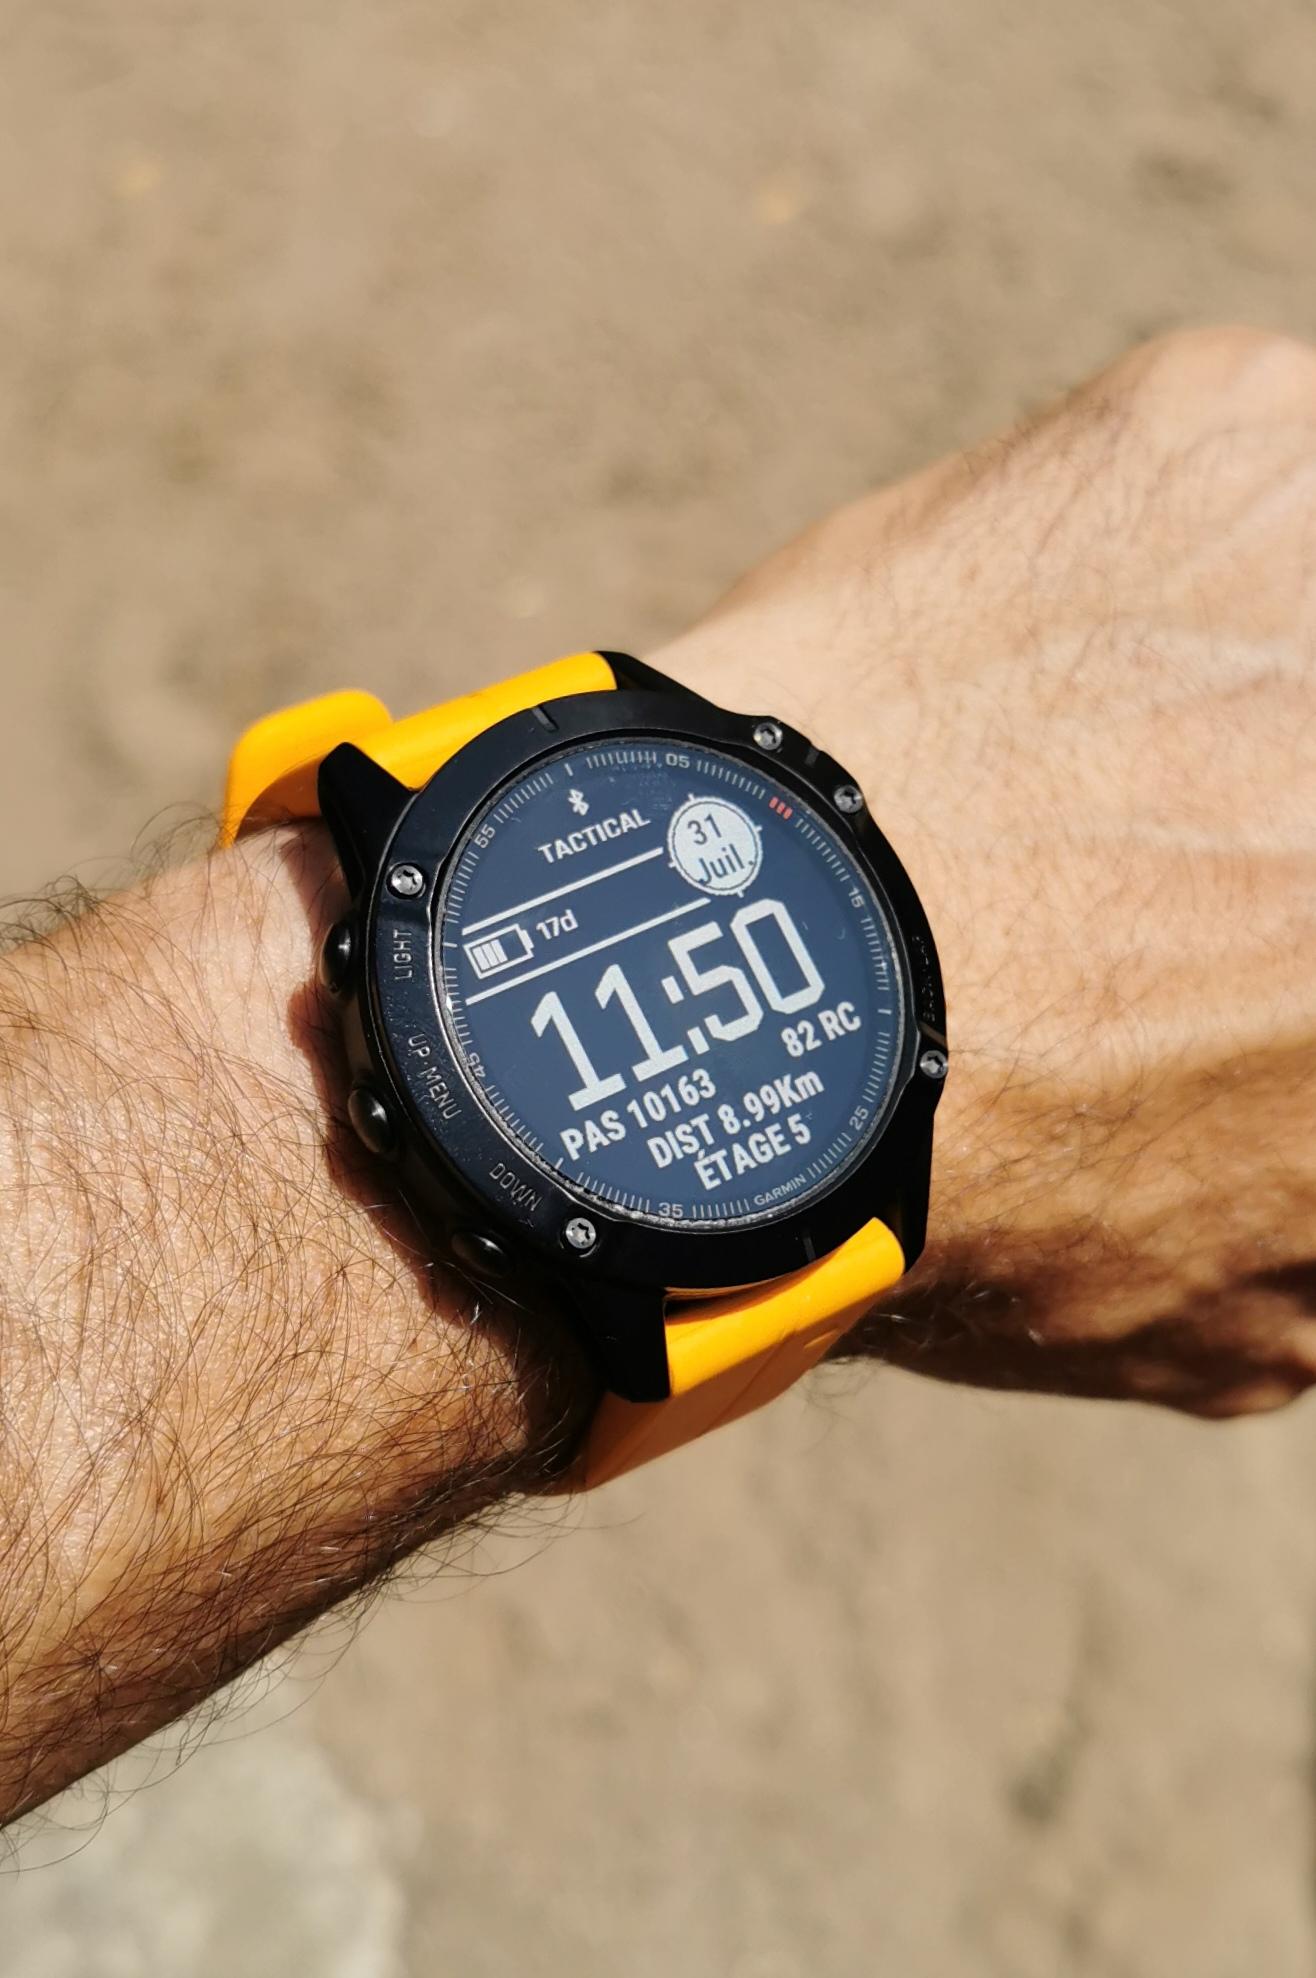 Quel intérêt portez-vous aux montres connectées ?   - Page 20 Img_2200